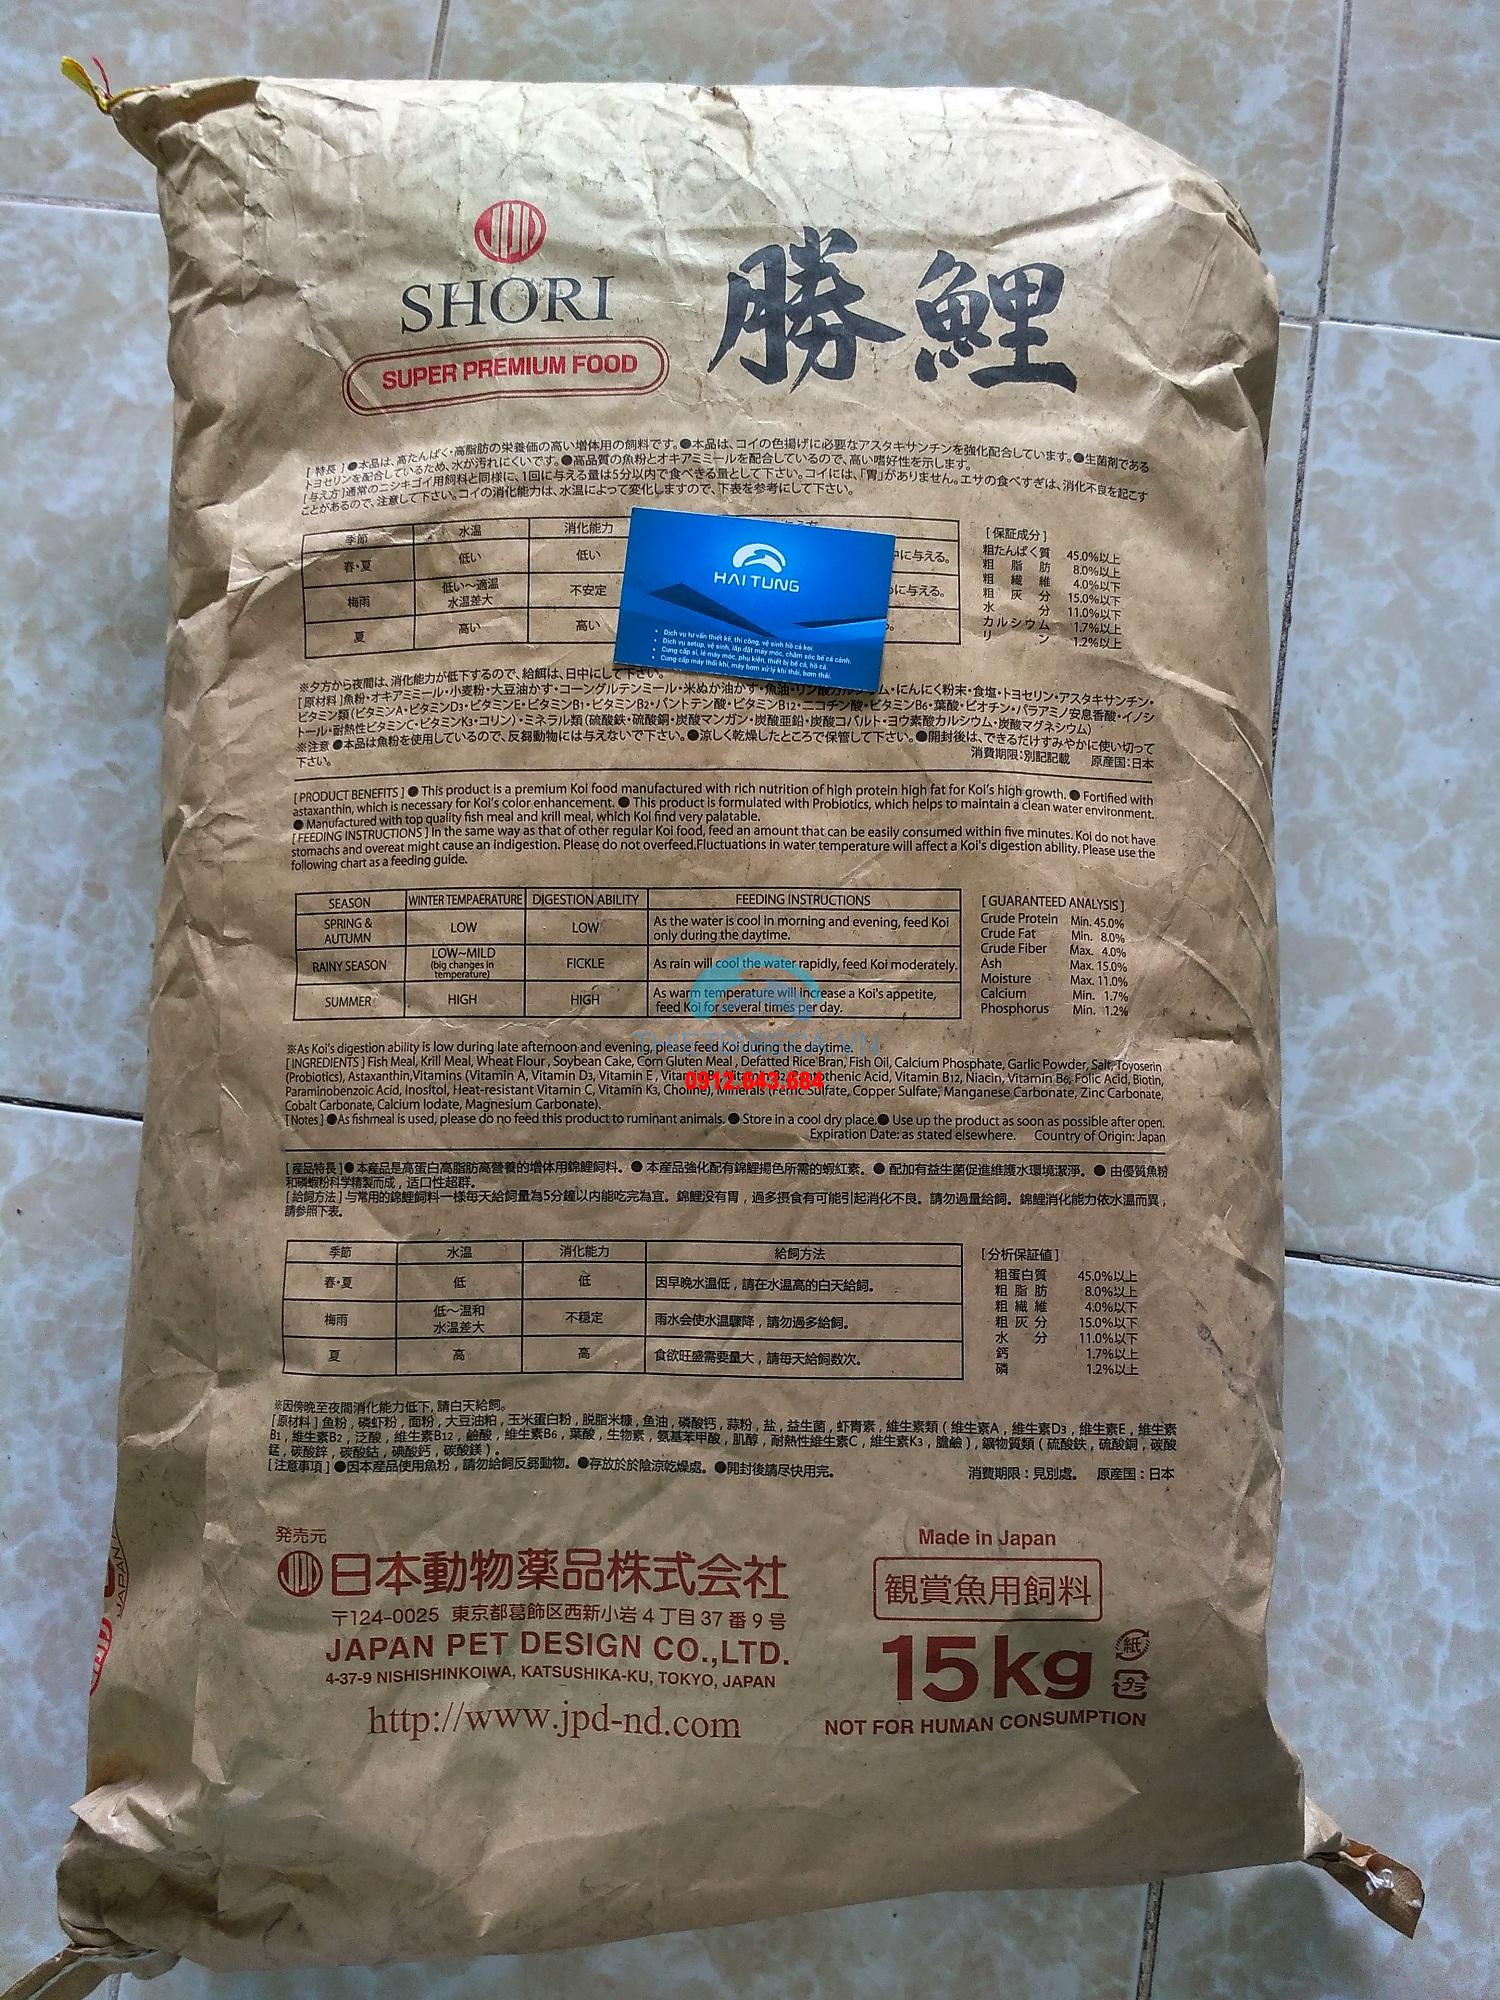 Thức ăn cá Koi JPD SHORI một bao 15kg